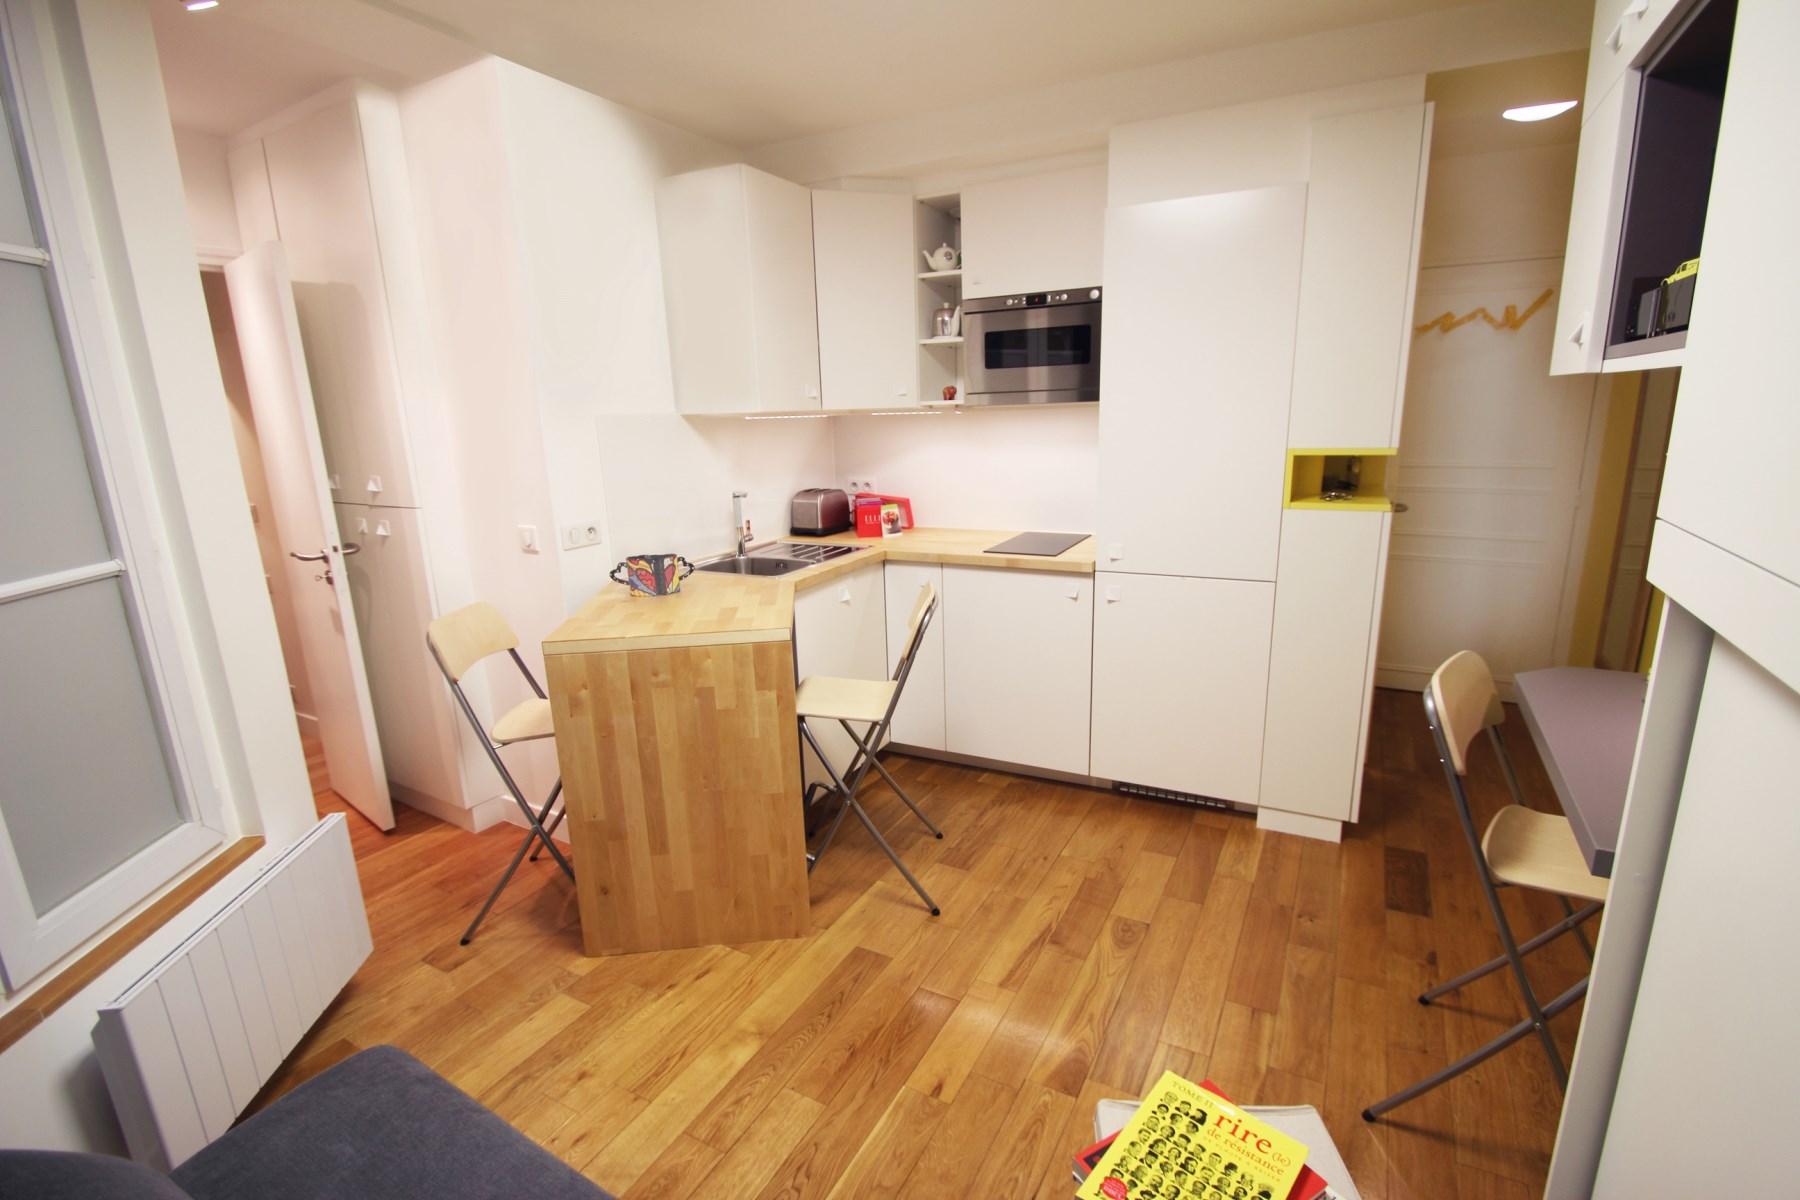 Agence avous studio jaune optimise